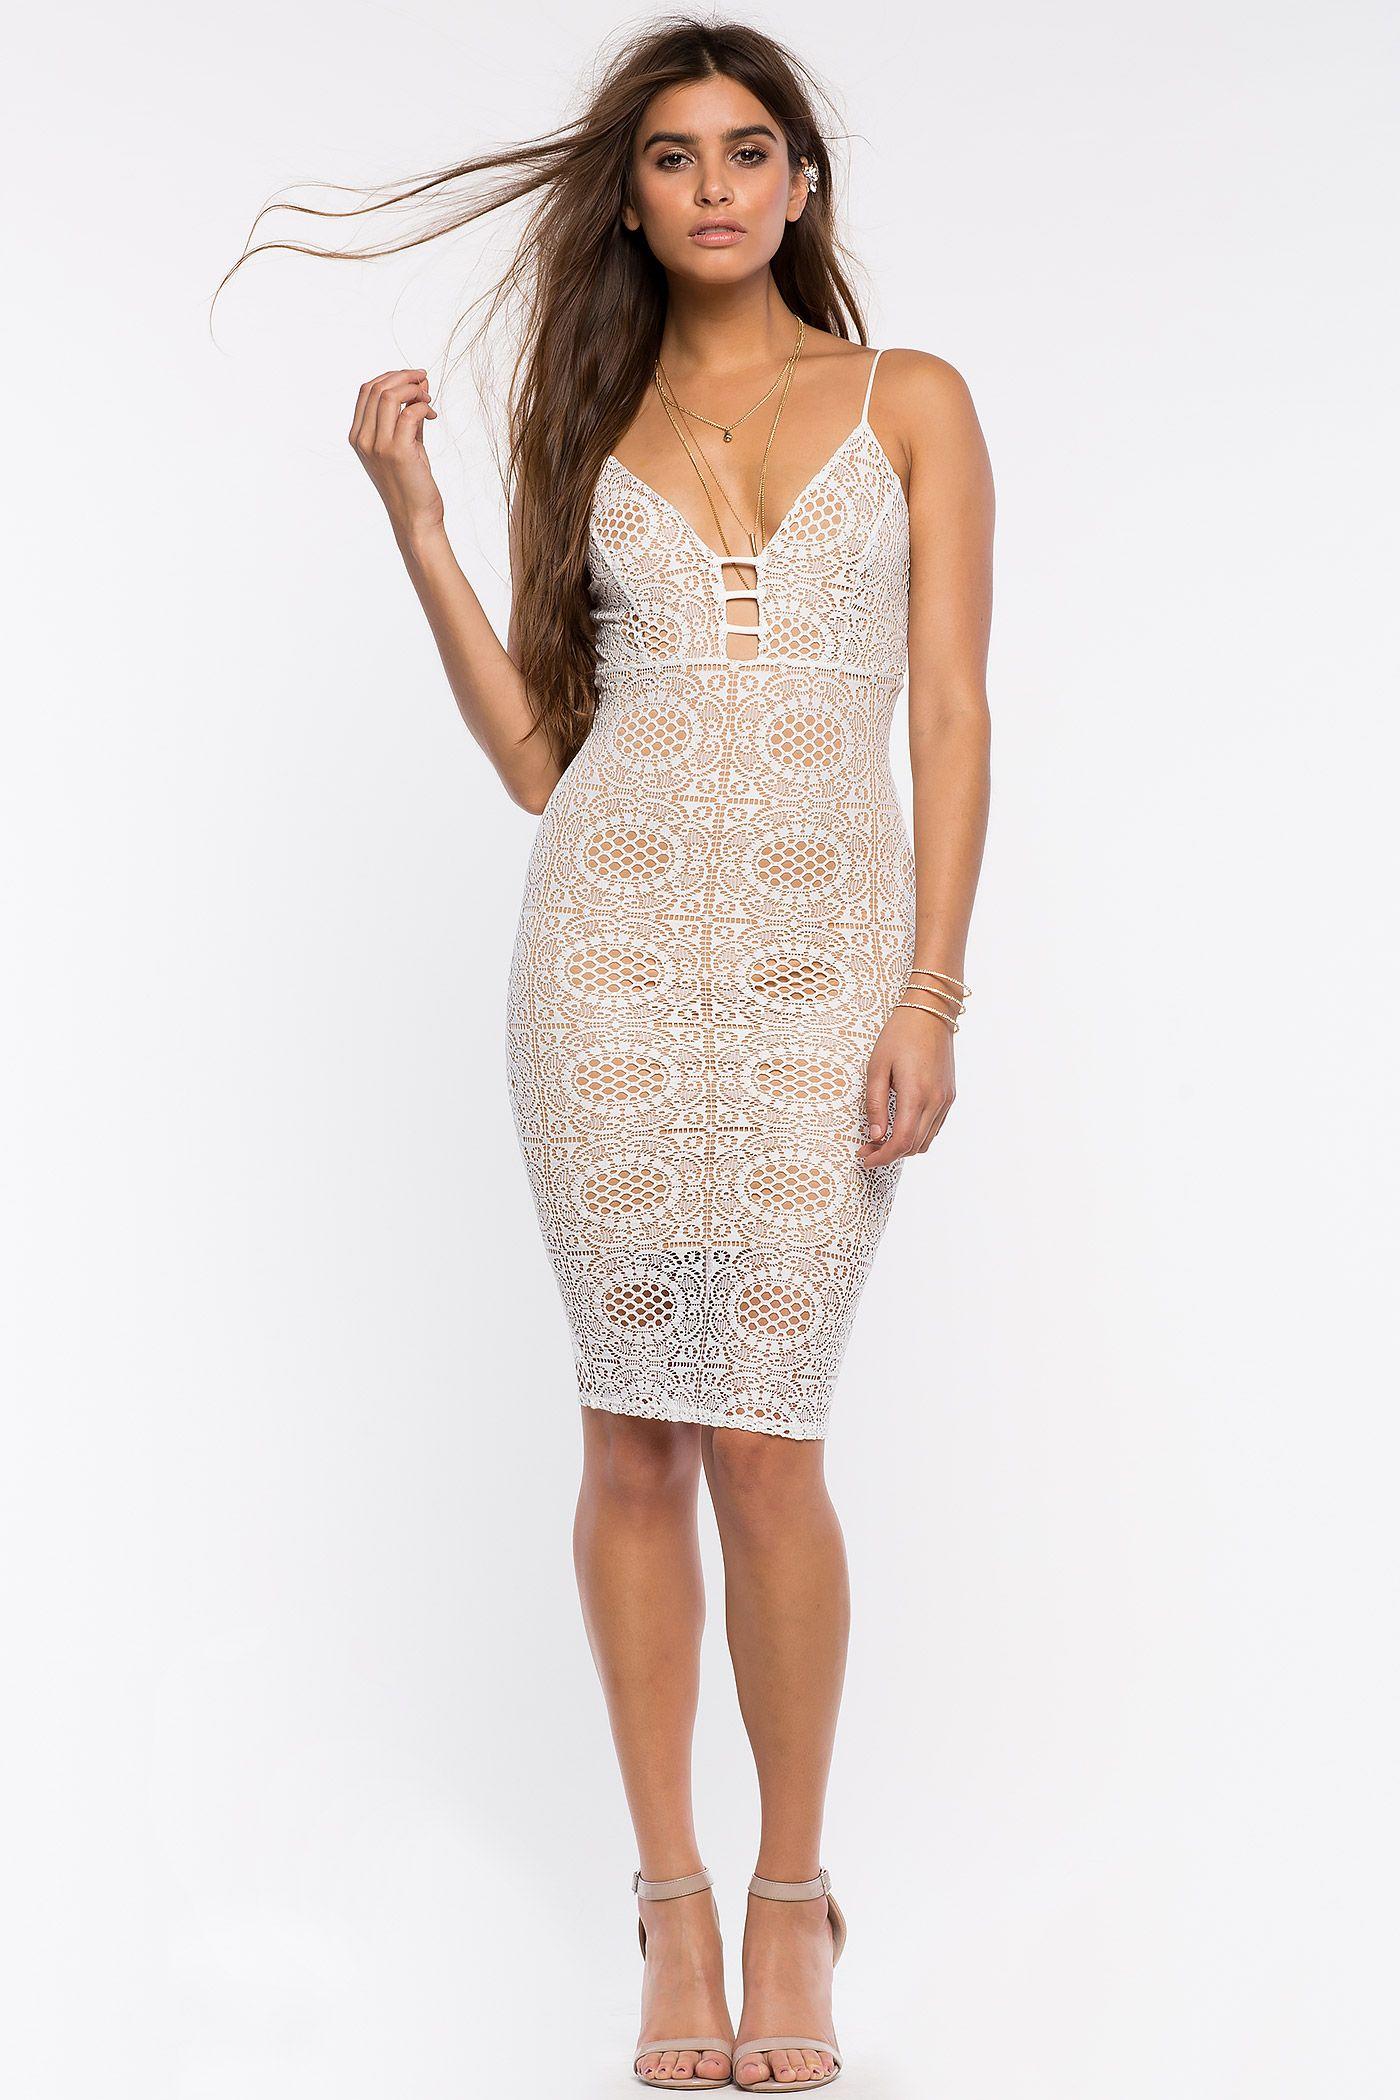 8dda2d54d2c86eb Кружевное платье Размеры: S, M, L Цвет: белый, черный Цена: 2373 руб ...